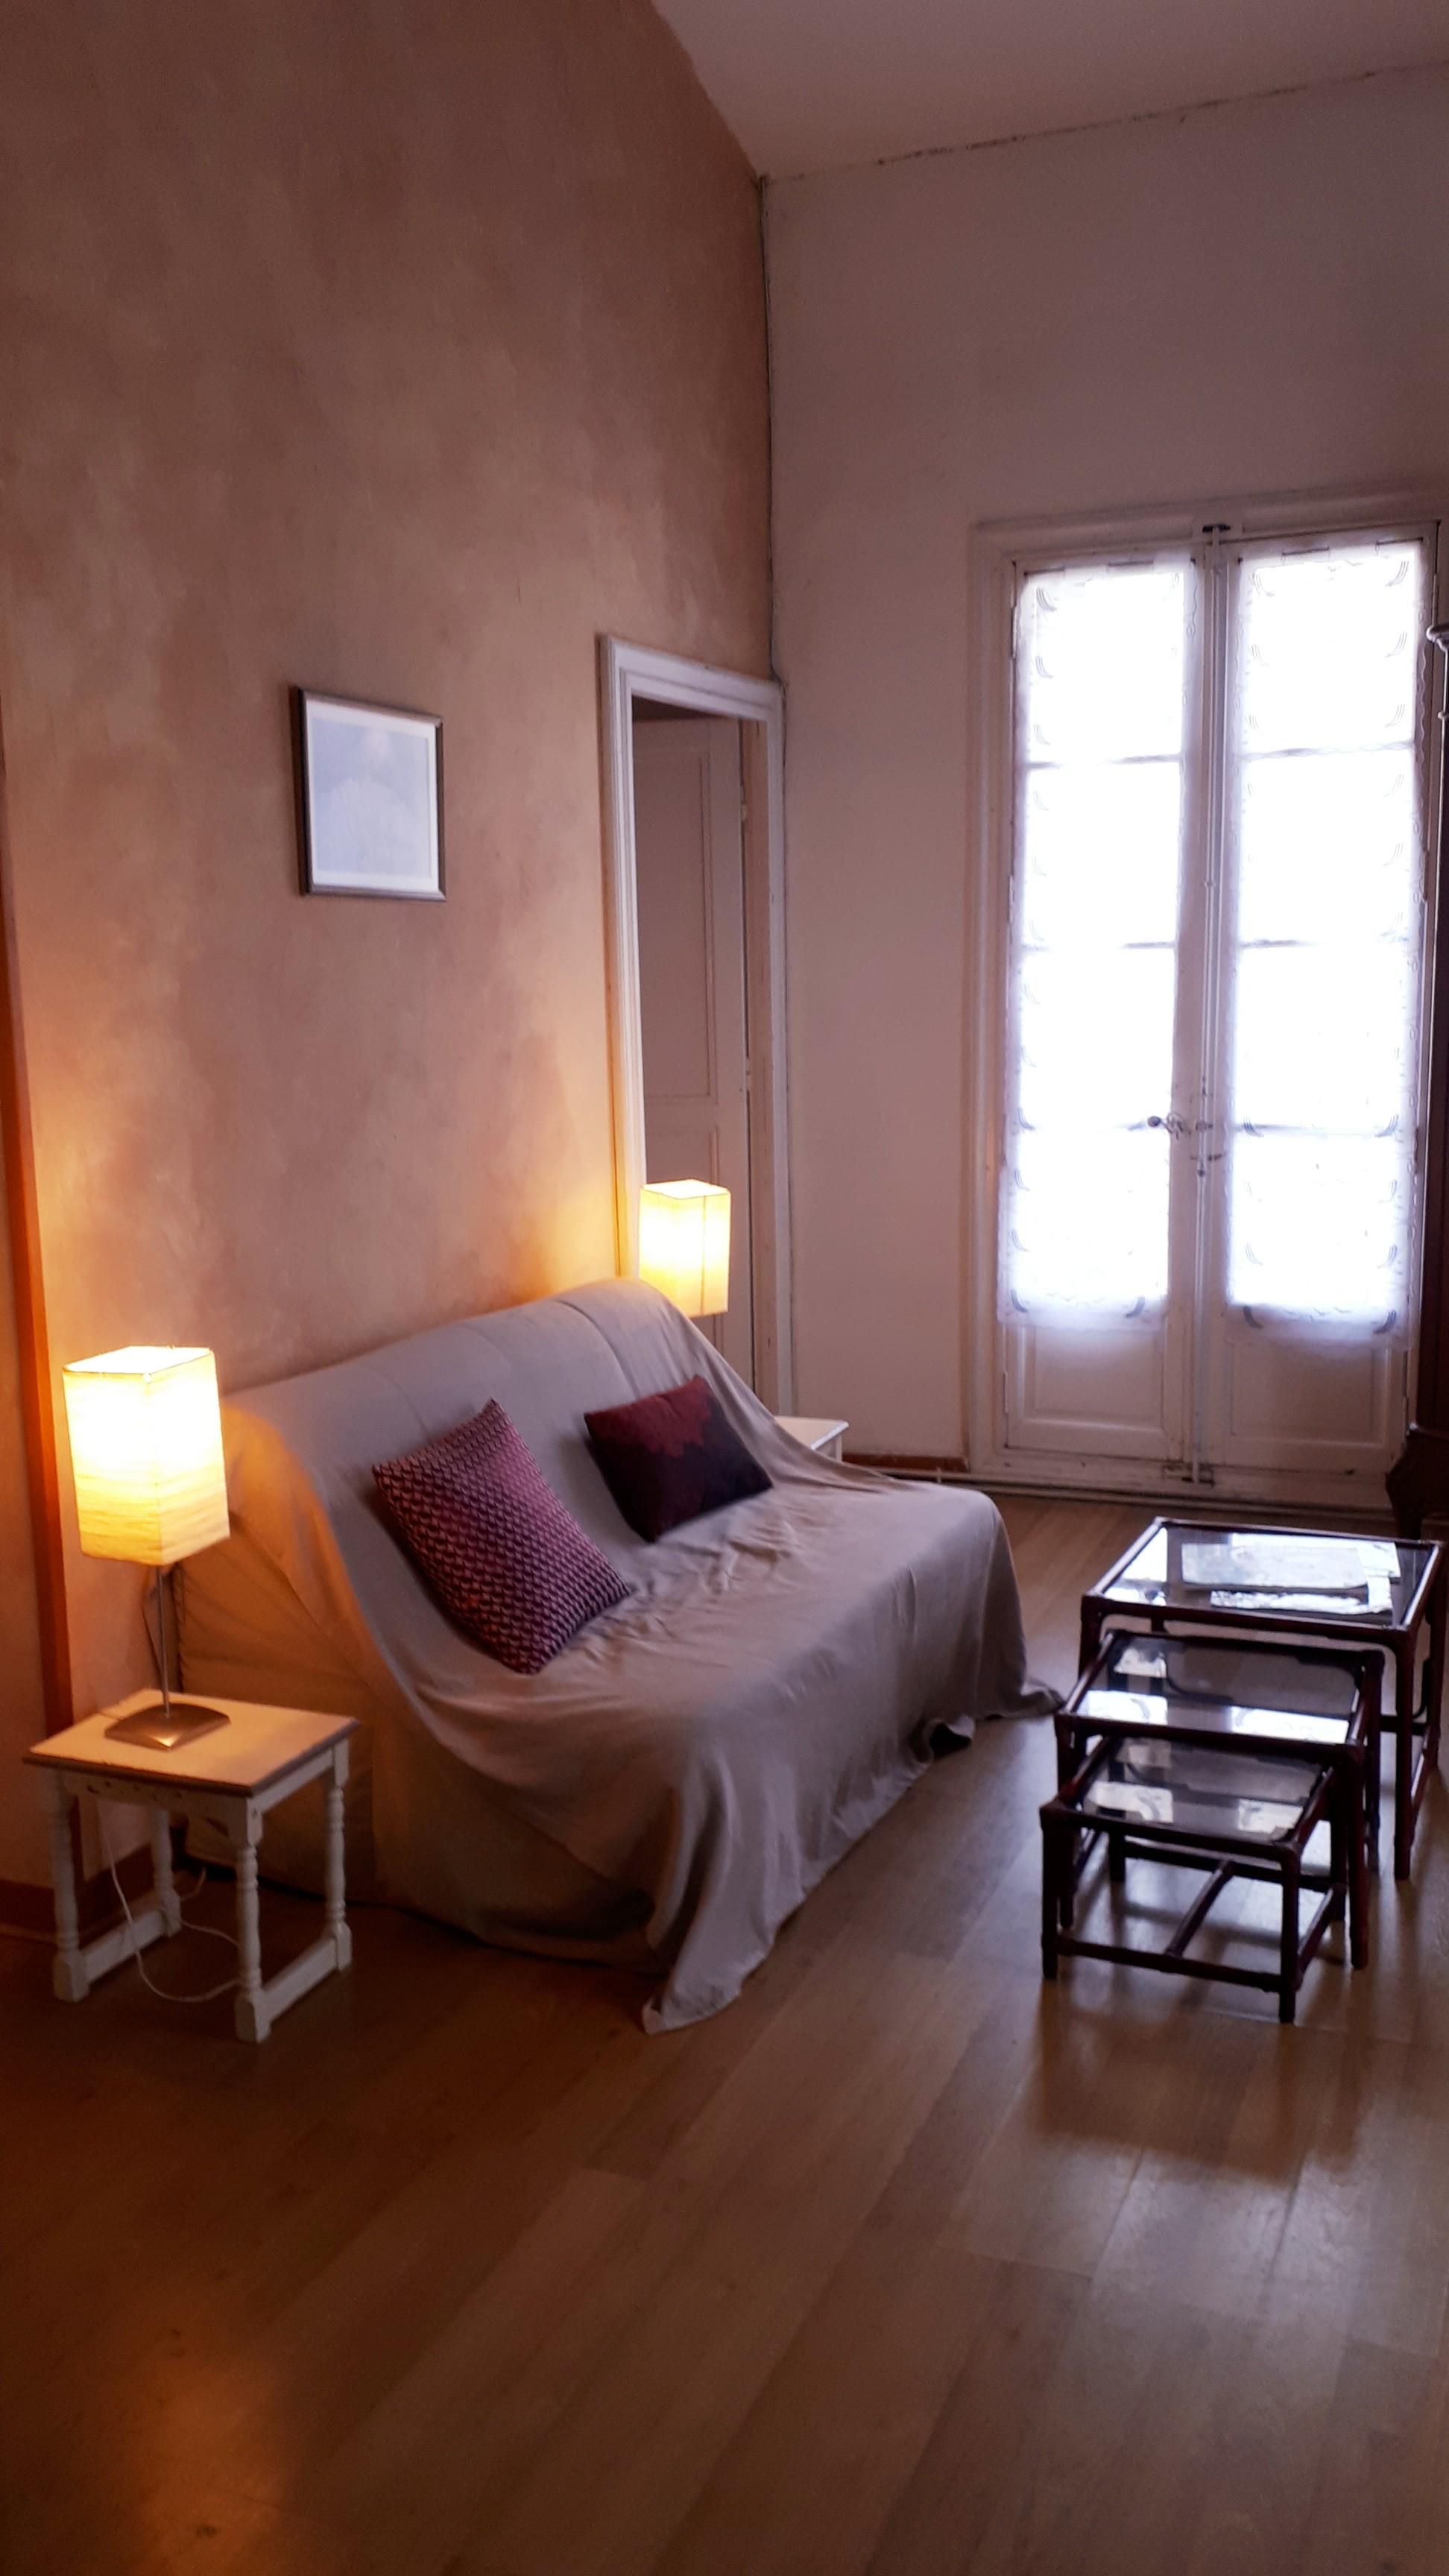 Le gite Les Lavandes proche de Pézenas sud de france. Avec canapé lit et télévision. Avec son chauffage central il est douillet l hiver.